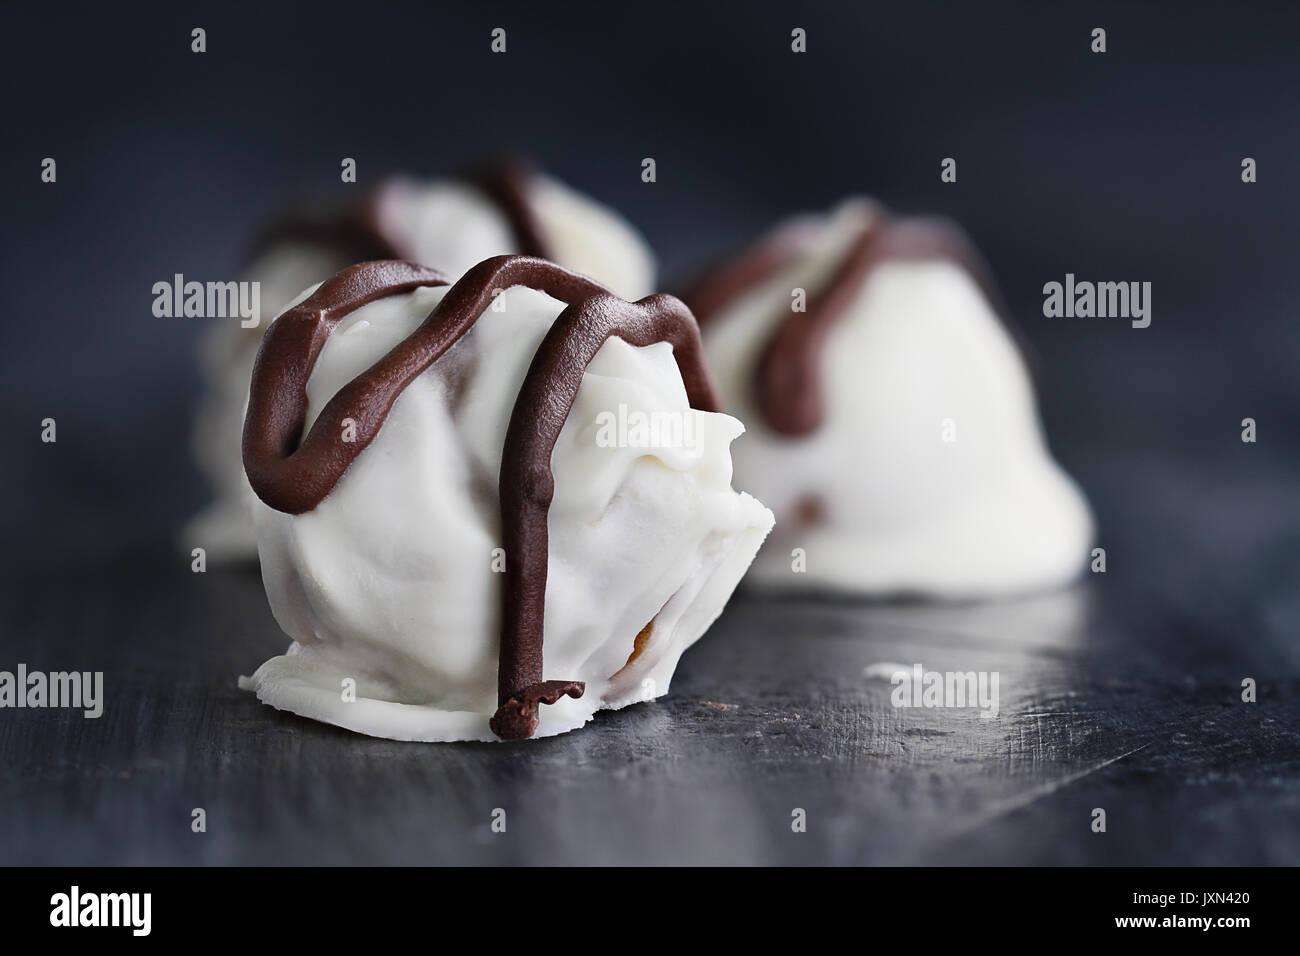 White tartufi di cioccolato per Natale o per San Valentino Giorno della spruzzata con cioccolato fondente. Estrema profondità di campo con il fuoco selettivo sulla caramella Foto Stock